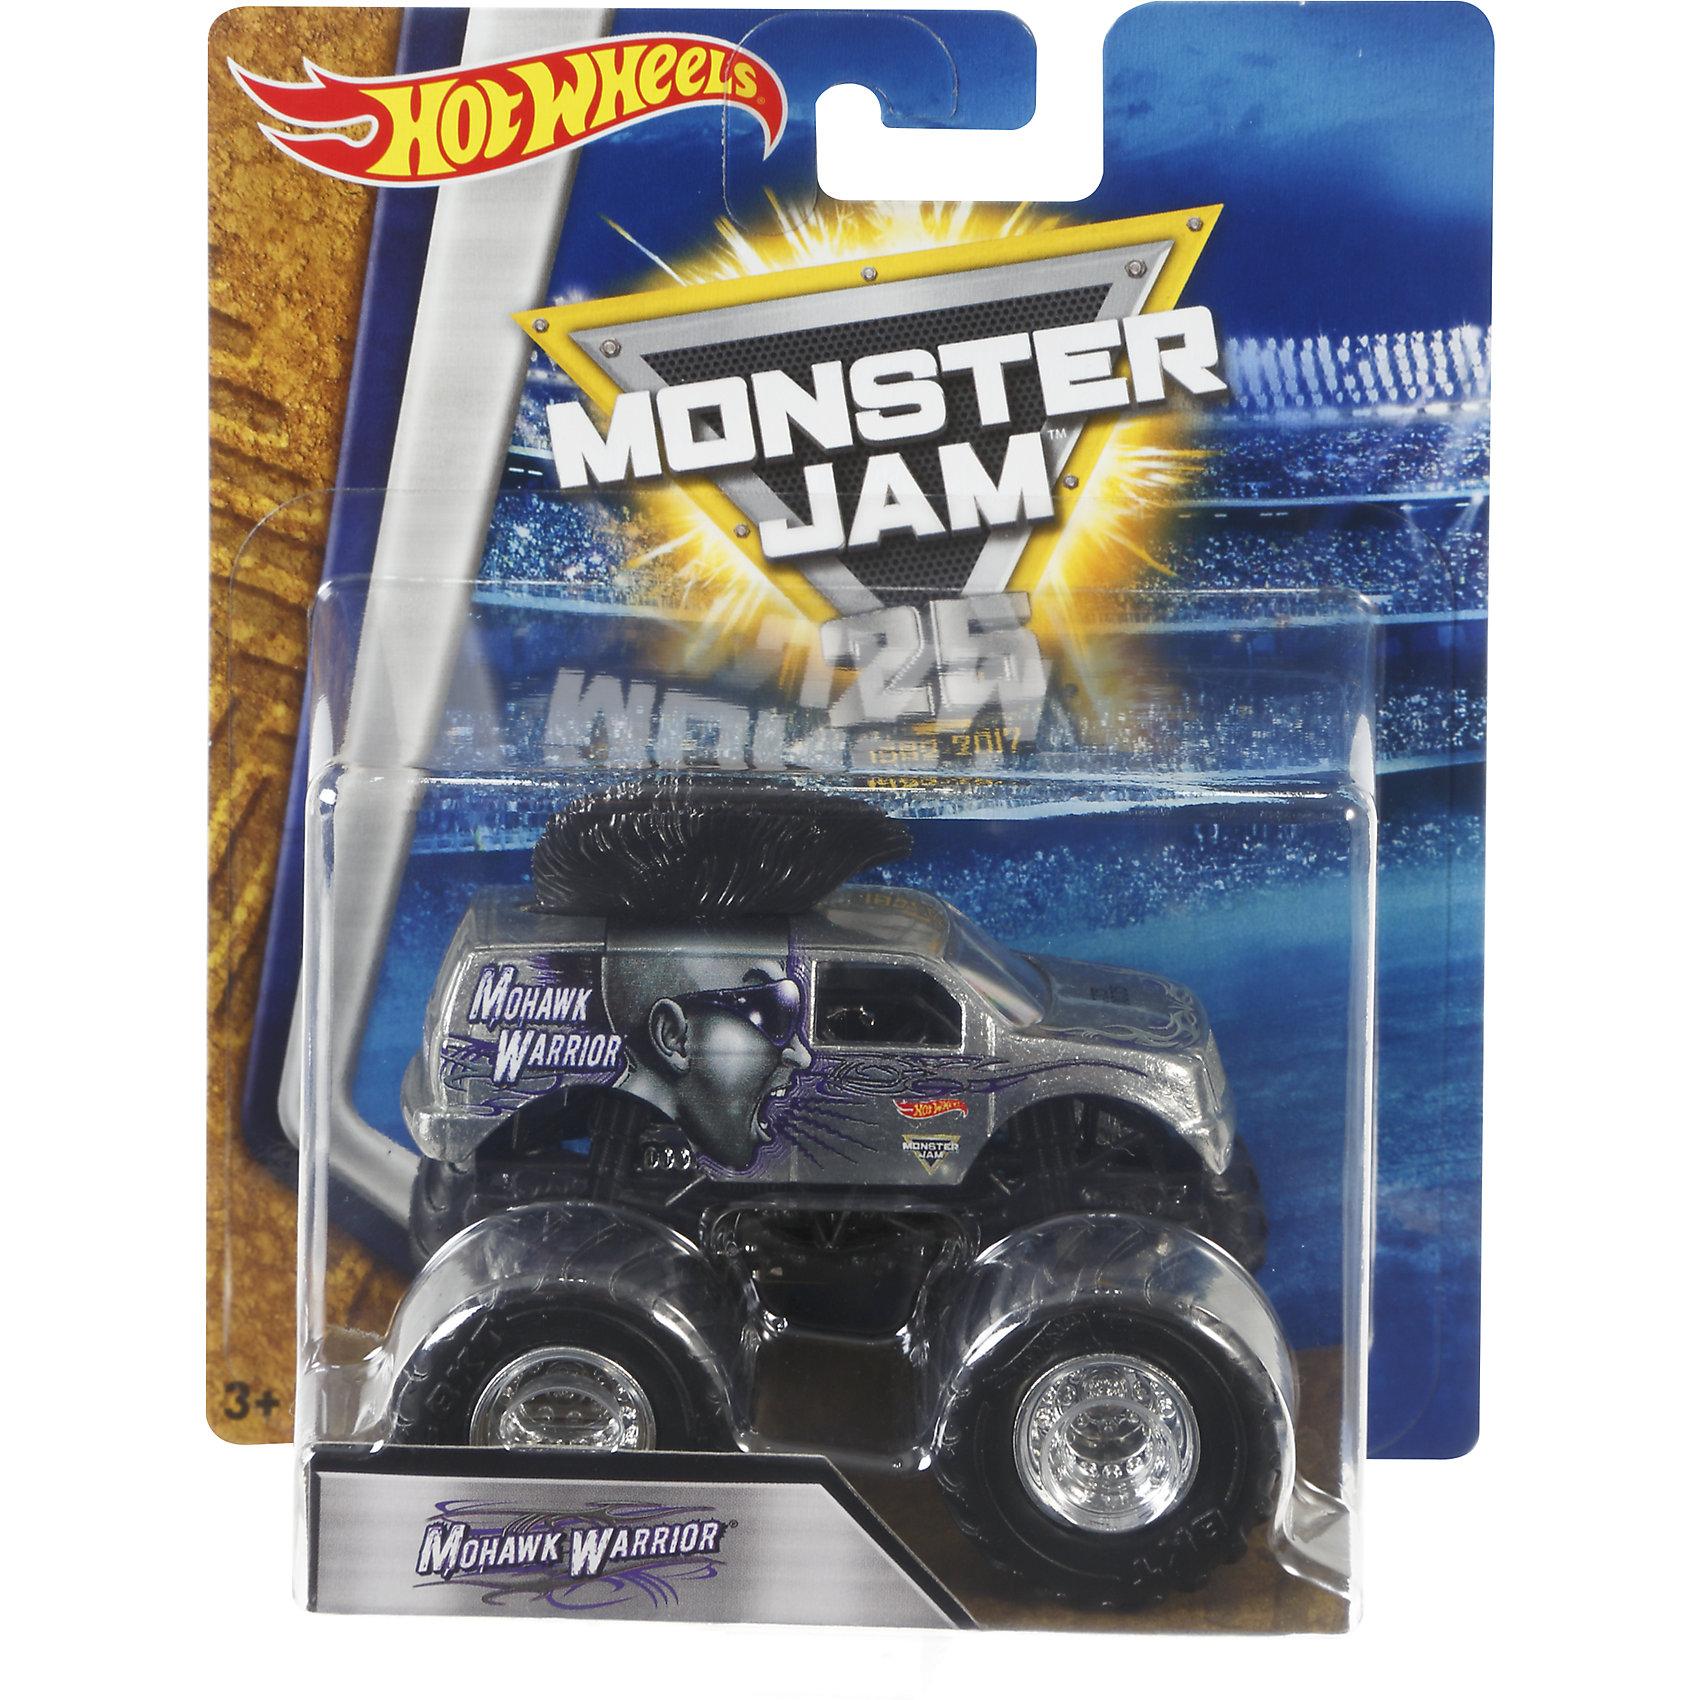 Машинка 1:64,  Monster Jam, Hot WheelsМашинки<br>Характеристики игрушечной машинки Hot Wheels:<br><br>• серия: Monster Jam;<br>• масштаб: 1:64;<br>• литой корпус;<br>• хромированные диски;<br>• проходимость колес; <br>• длина машинки: 8,5 см;<br>• размер упаковки: 17,5х14х7,5 см;<br>• вес в упаковке: 115 г.<br><br>Игрушечная модель машинки Hot Wheels на мощных колесах большого диаметра отличается высокой проходимостью, претендует на первенство в гонках, имеет литой корпус. Комбинированное использования пластика и металла делает машинку прочной и устойчивой к ударам и падениям. Тюнинг трюкового внедорожника Monster Jam соответствует пожеланиям юных коллекционеров линейки автомобилей Hot Wheels. <br><br>Машинку 1:64, Monster Jam, Hot Wheels можно купить в нашем интернет-магазине.<br><br>Ширина мм: 65<br>Глубина мм: 140<br>Высота мм: 175<br>Вес г: 130<br>Возраст от месяцев: 36<br>Возраст до месяцев: 84<br>Пол: Мужской<br>Возраст: Детский<br>SKU: 5285008